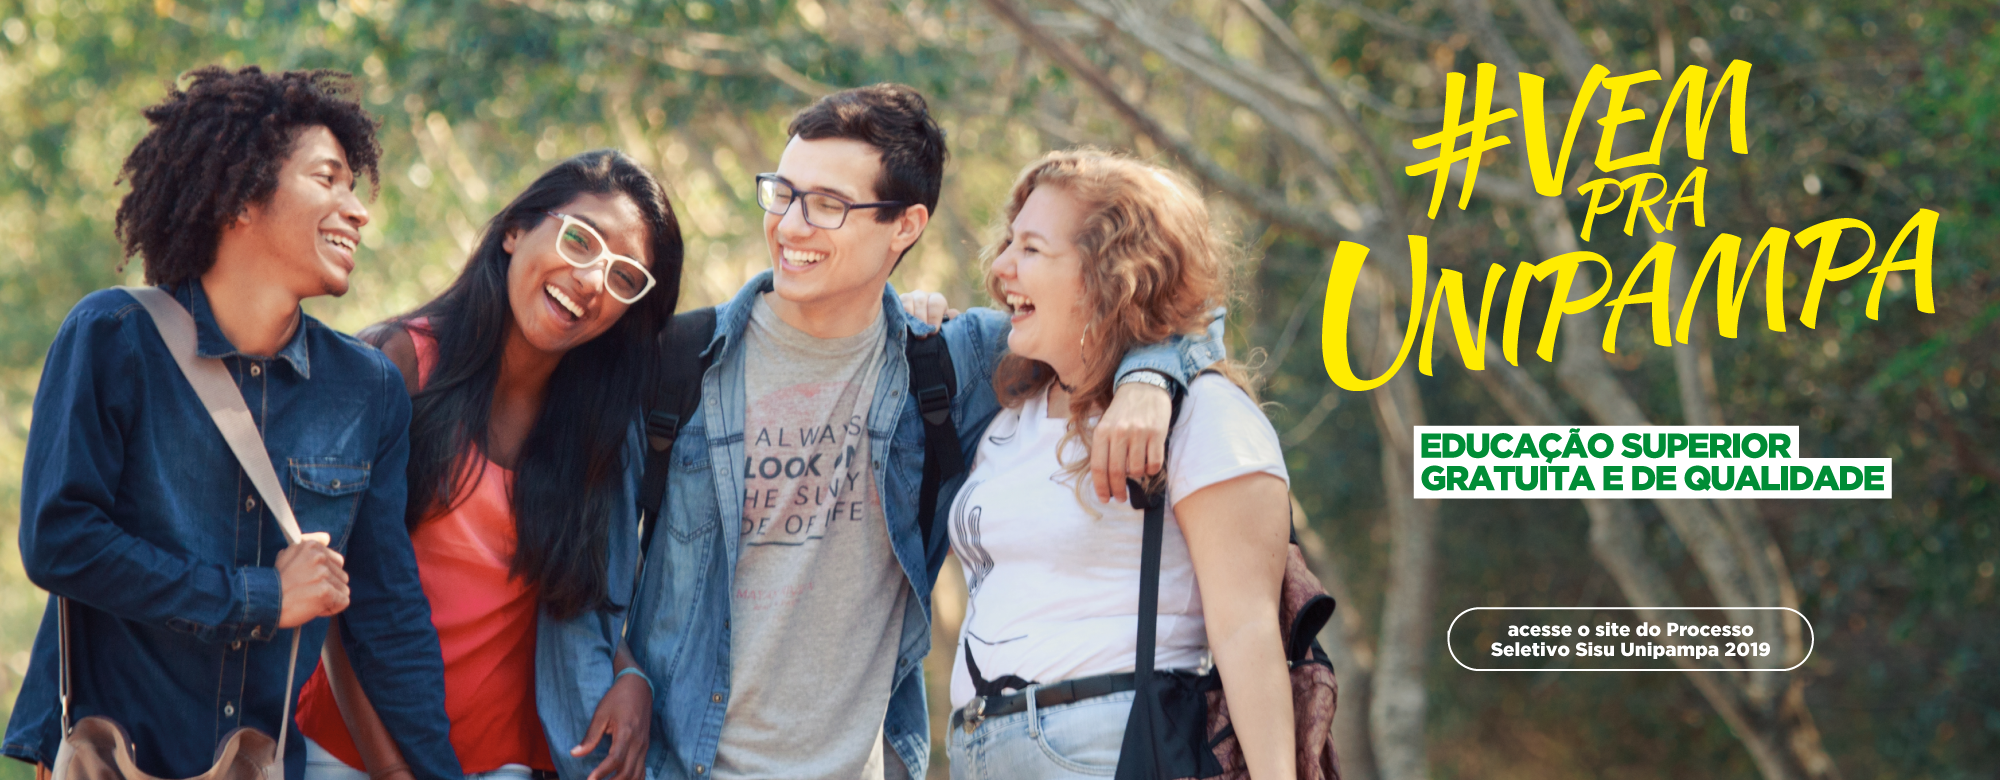 #VemPraUnipampa Educação Superior Pública e de Qualidade. Clique e acesse o site do Processo Seletivo Sisu Unipampa 2019